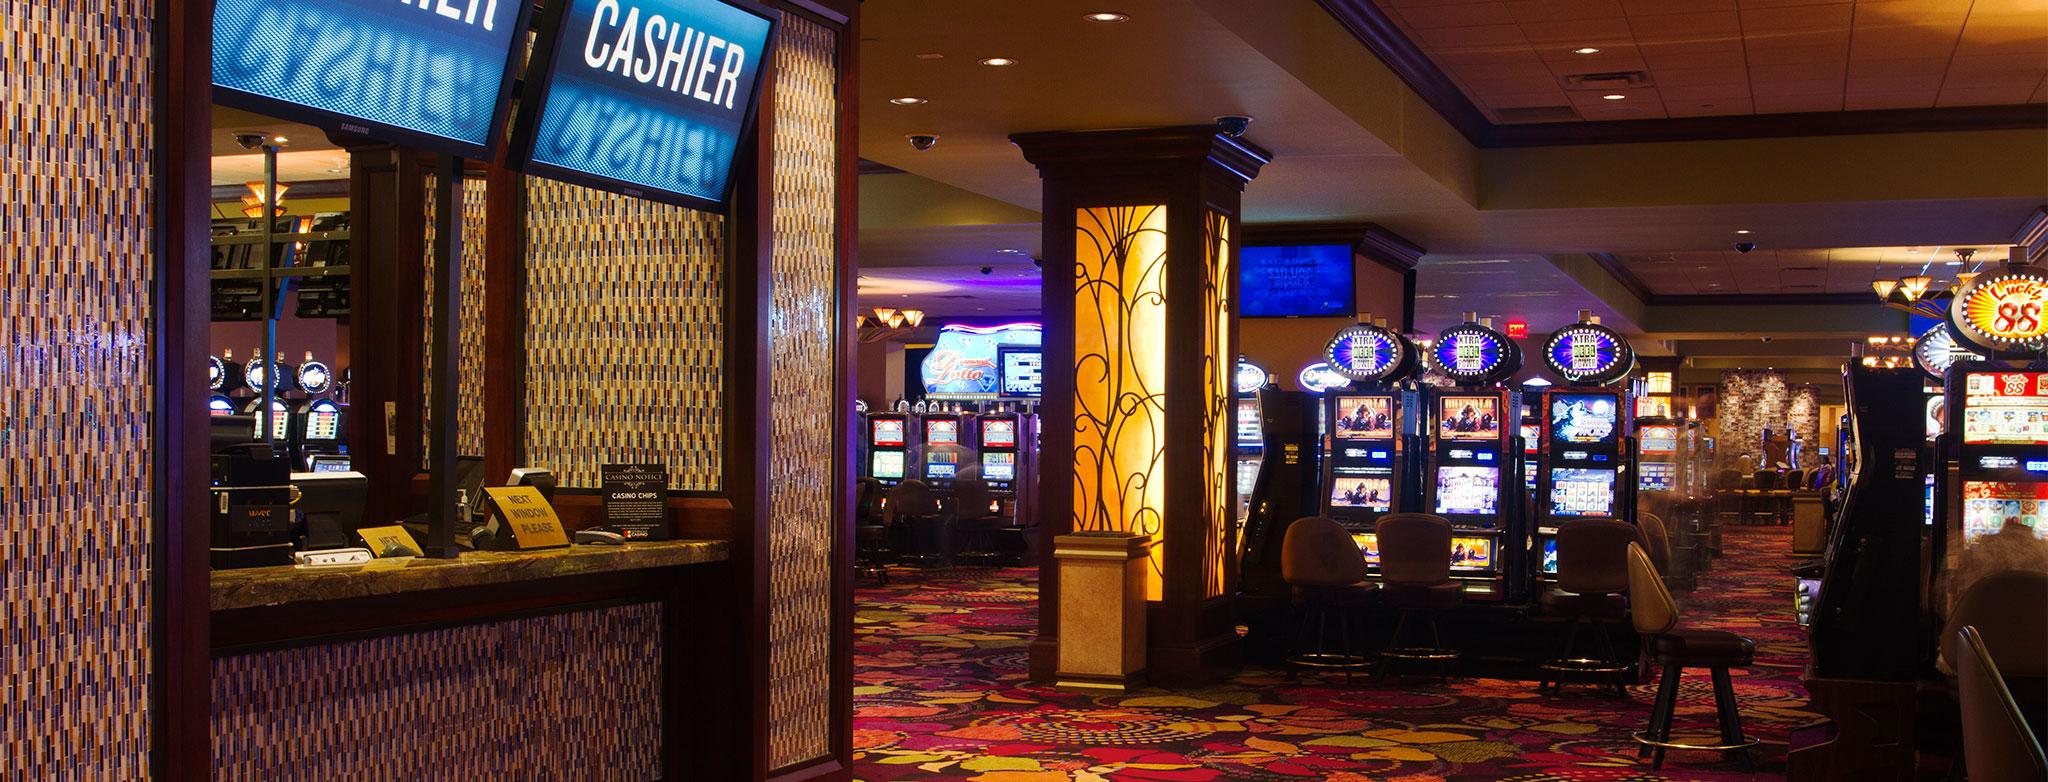 Coconut Creek Casino